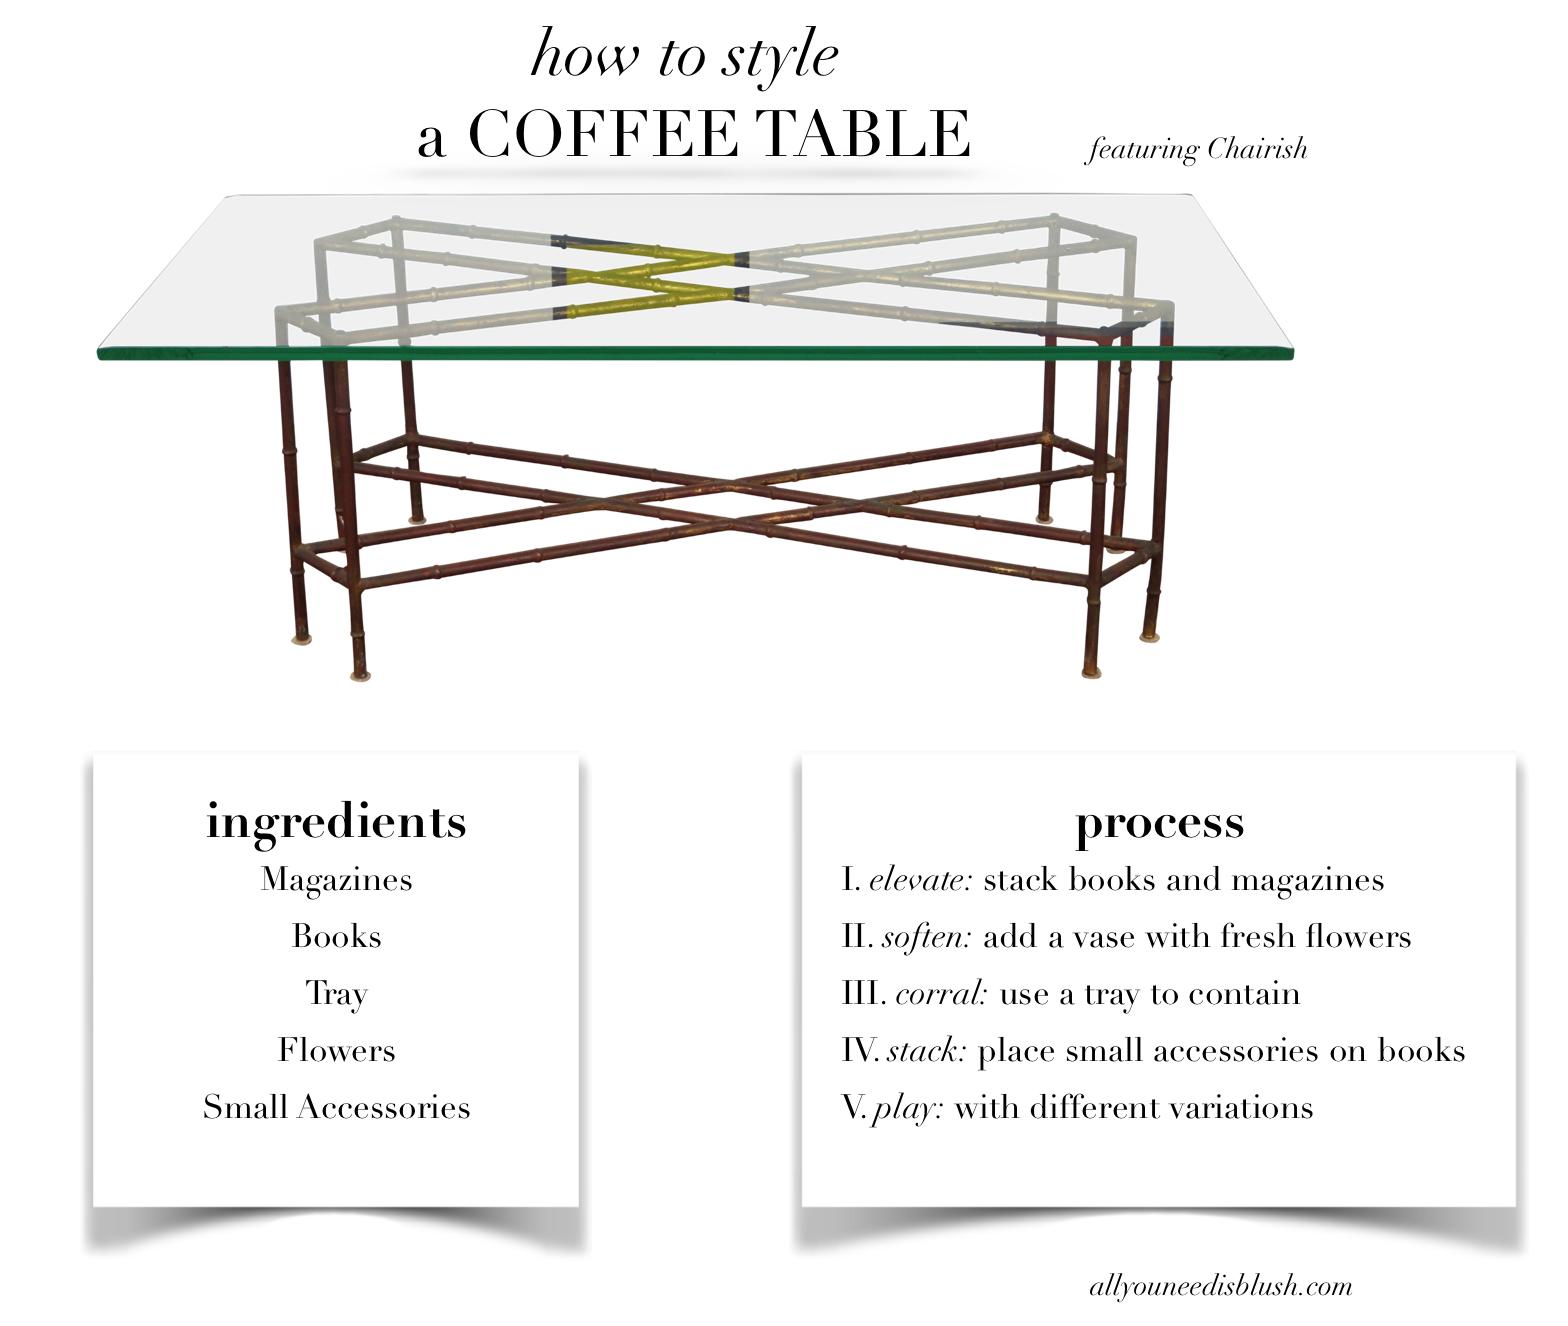 Coffee Table Crib Sheet